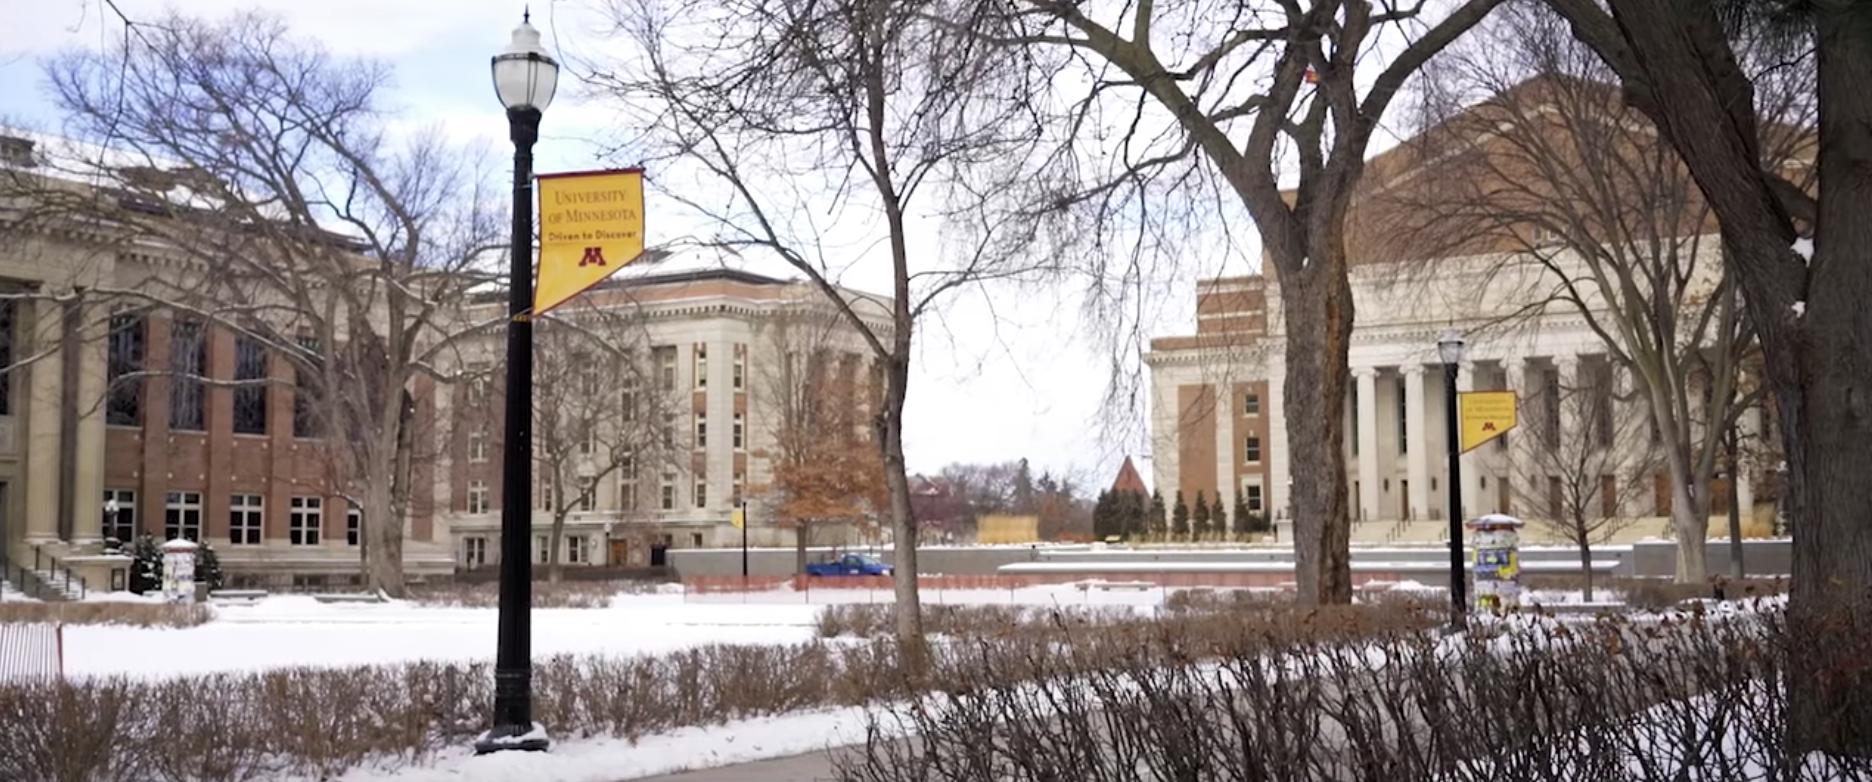 UMN Campus Video feature